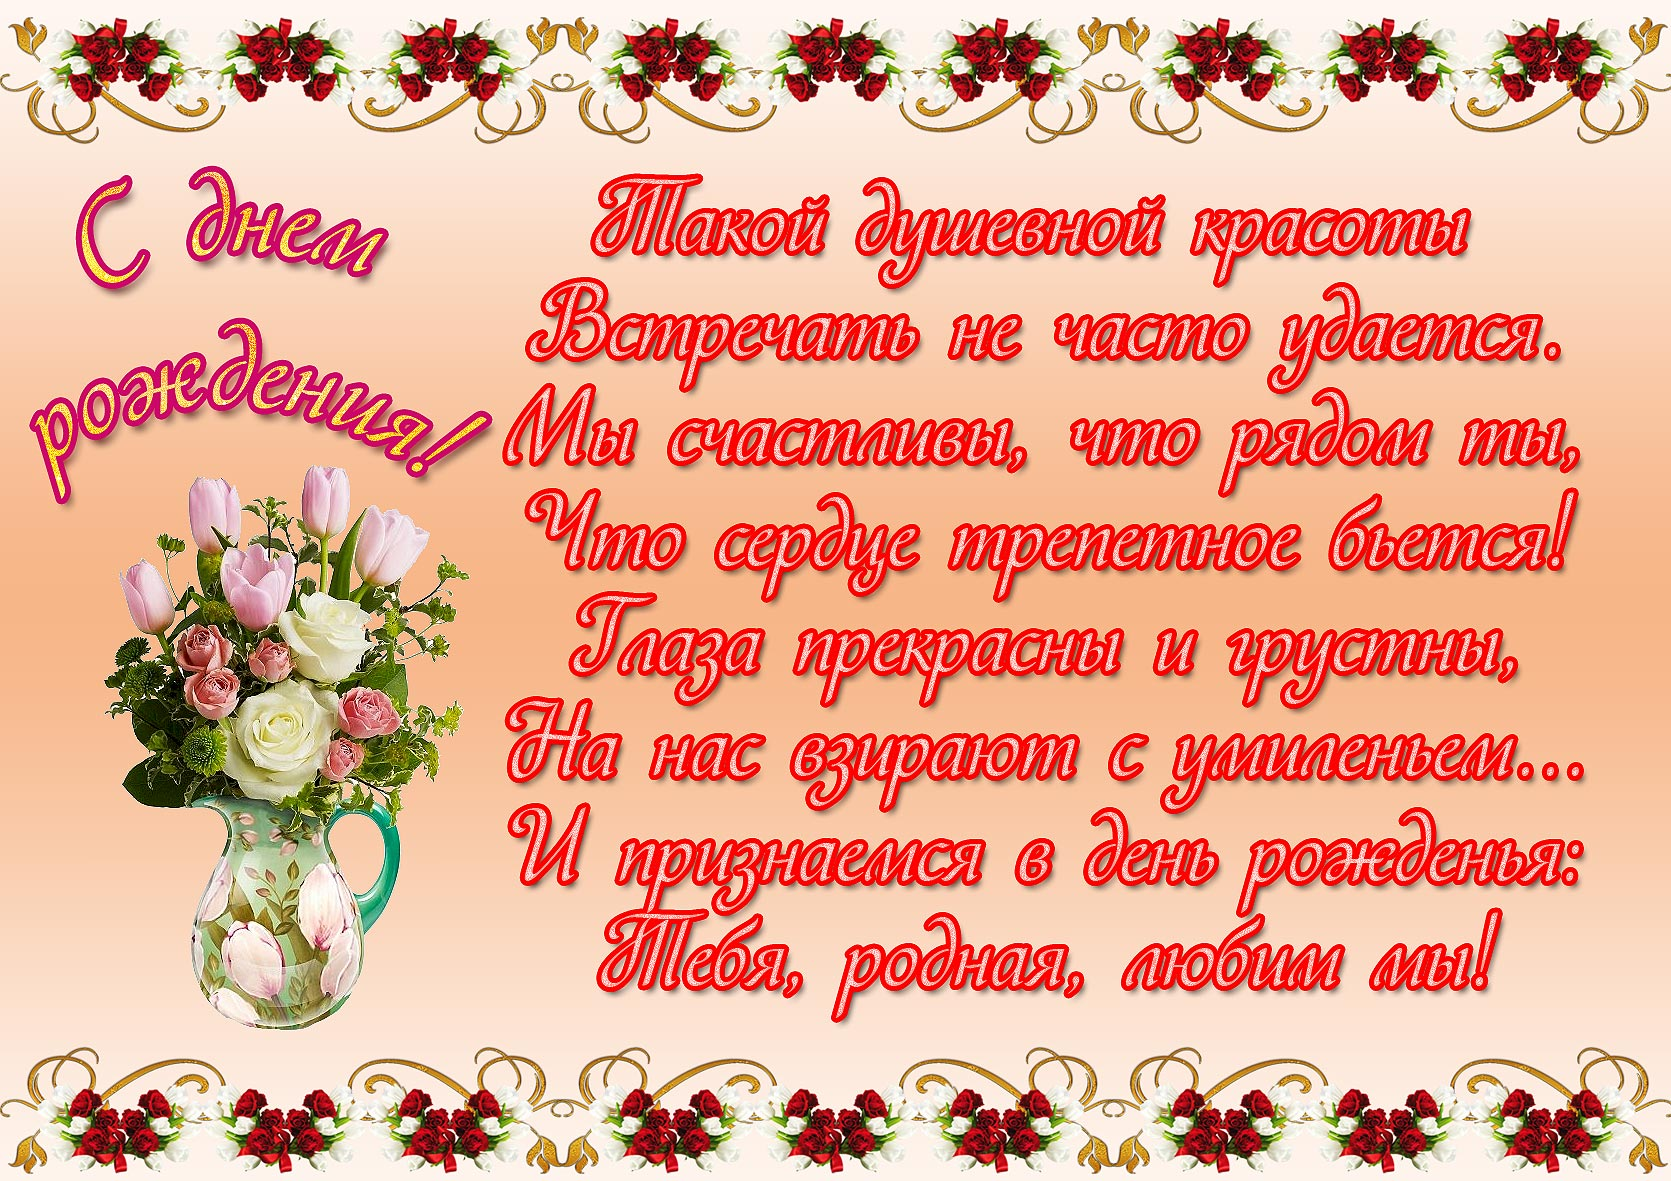 Поздравление с днем рождения девочку прикольные